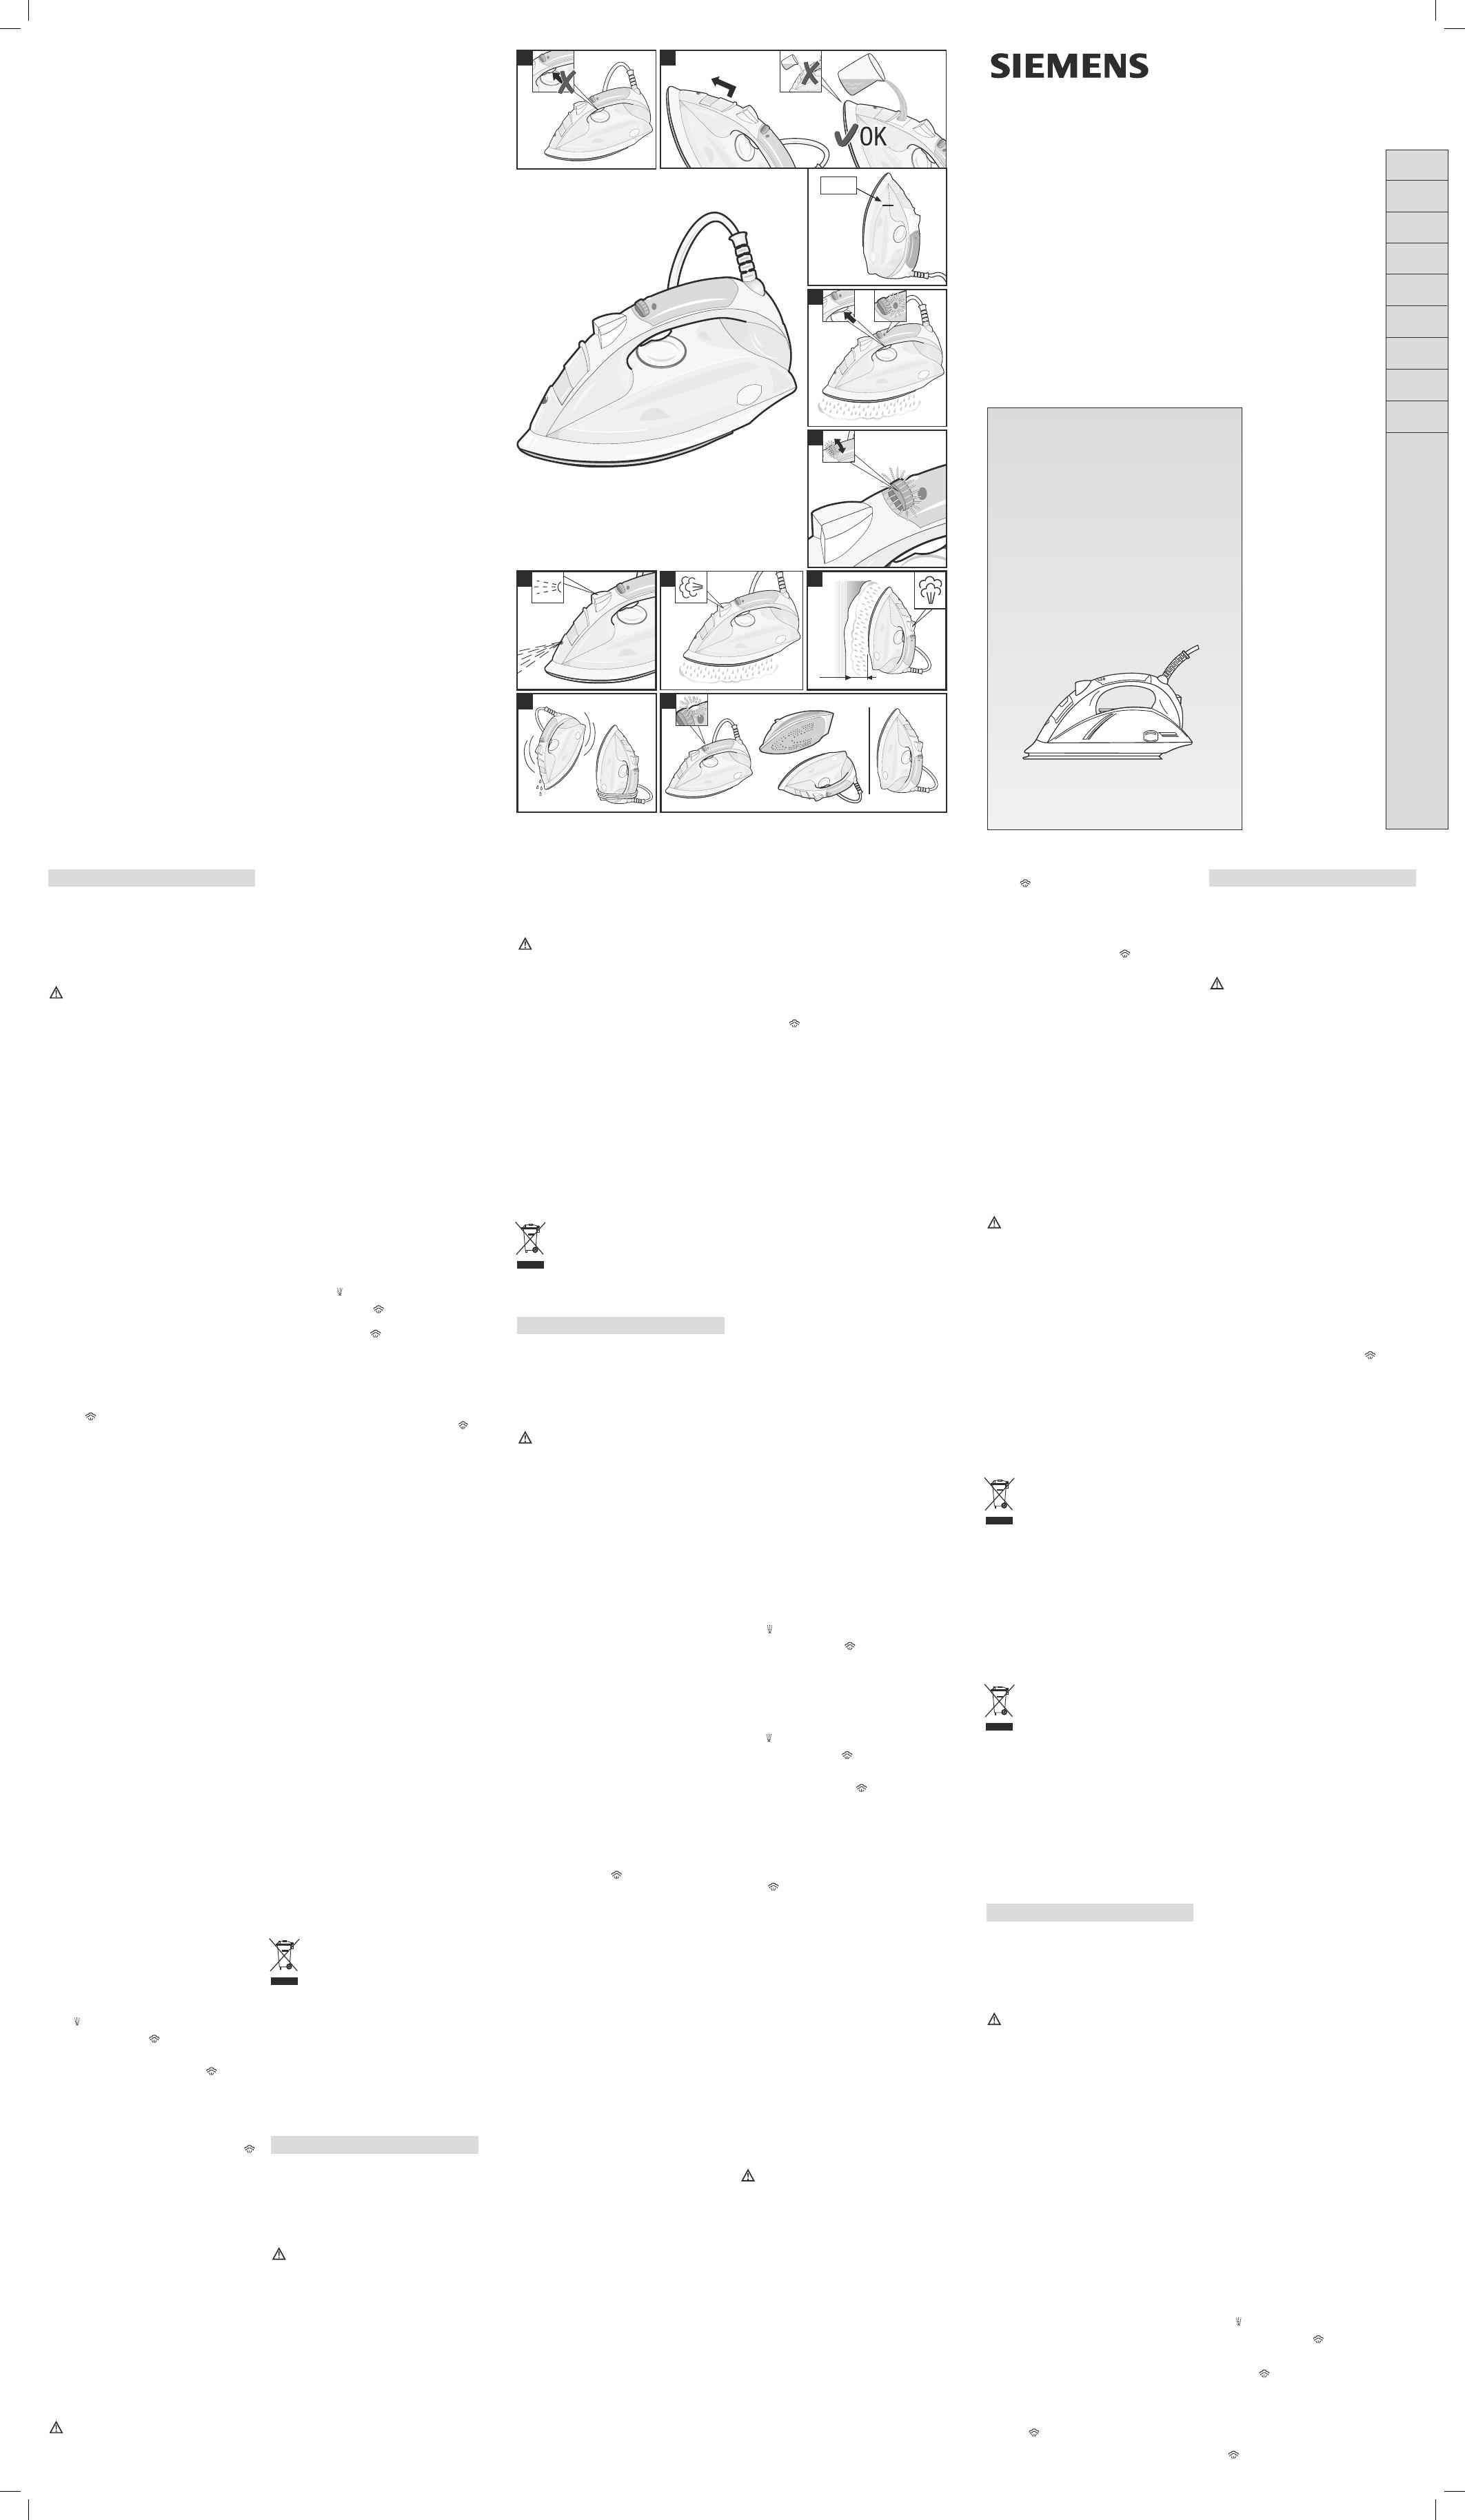 Bedienungsanleitung Siemens Ts 10515 Seite 1 Von 2 Deutsch